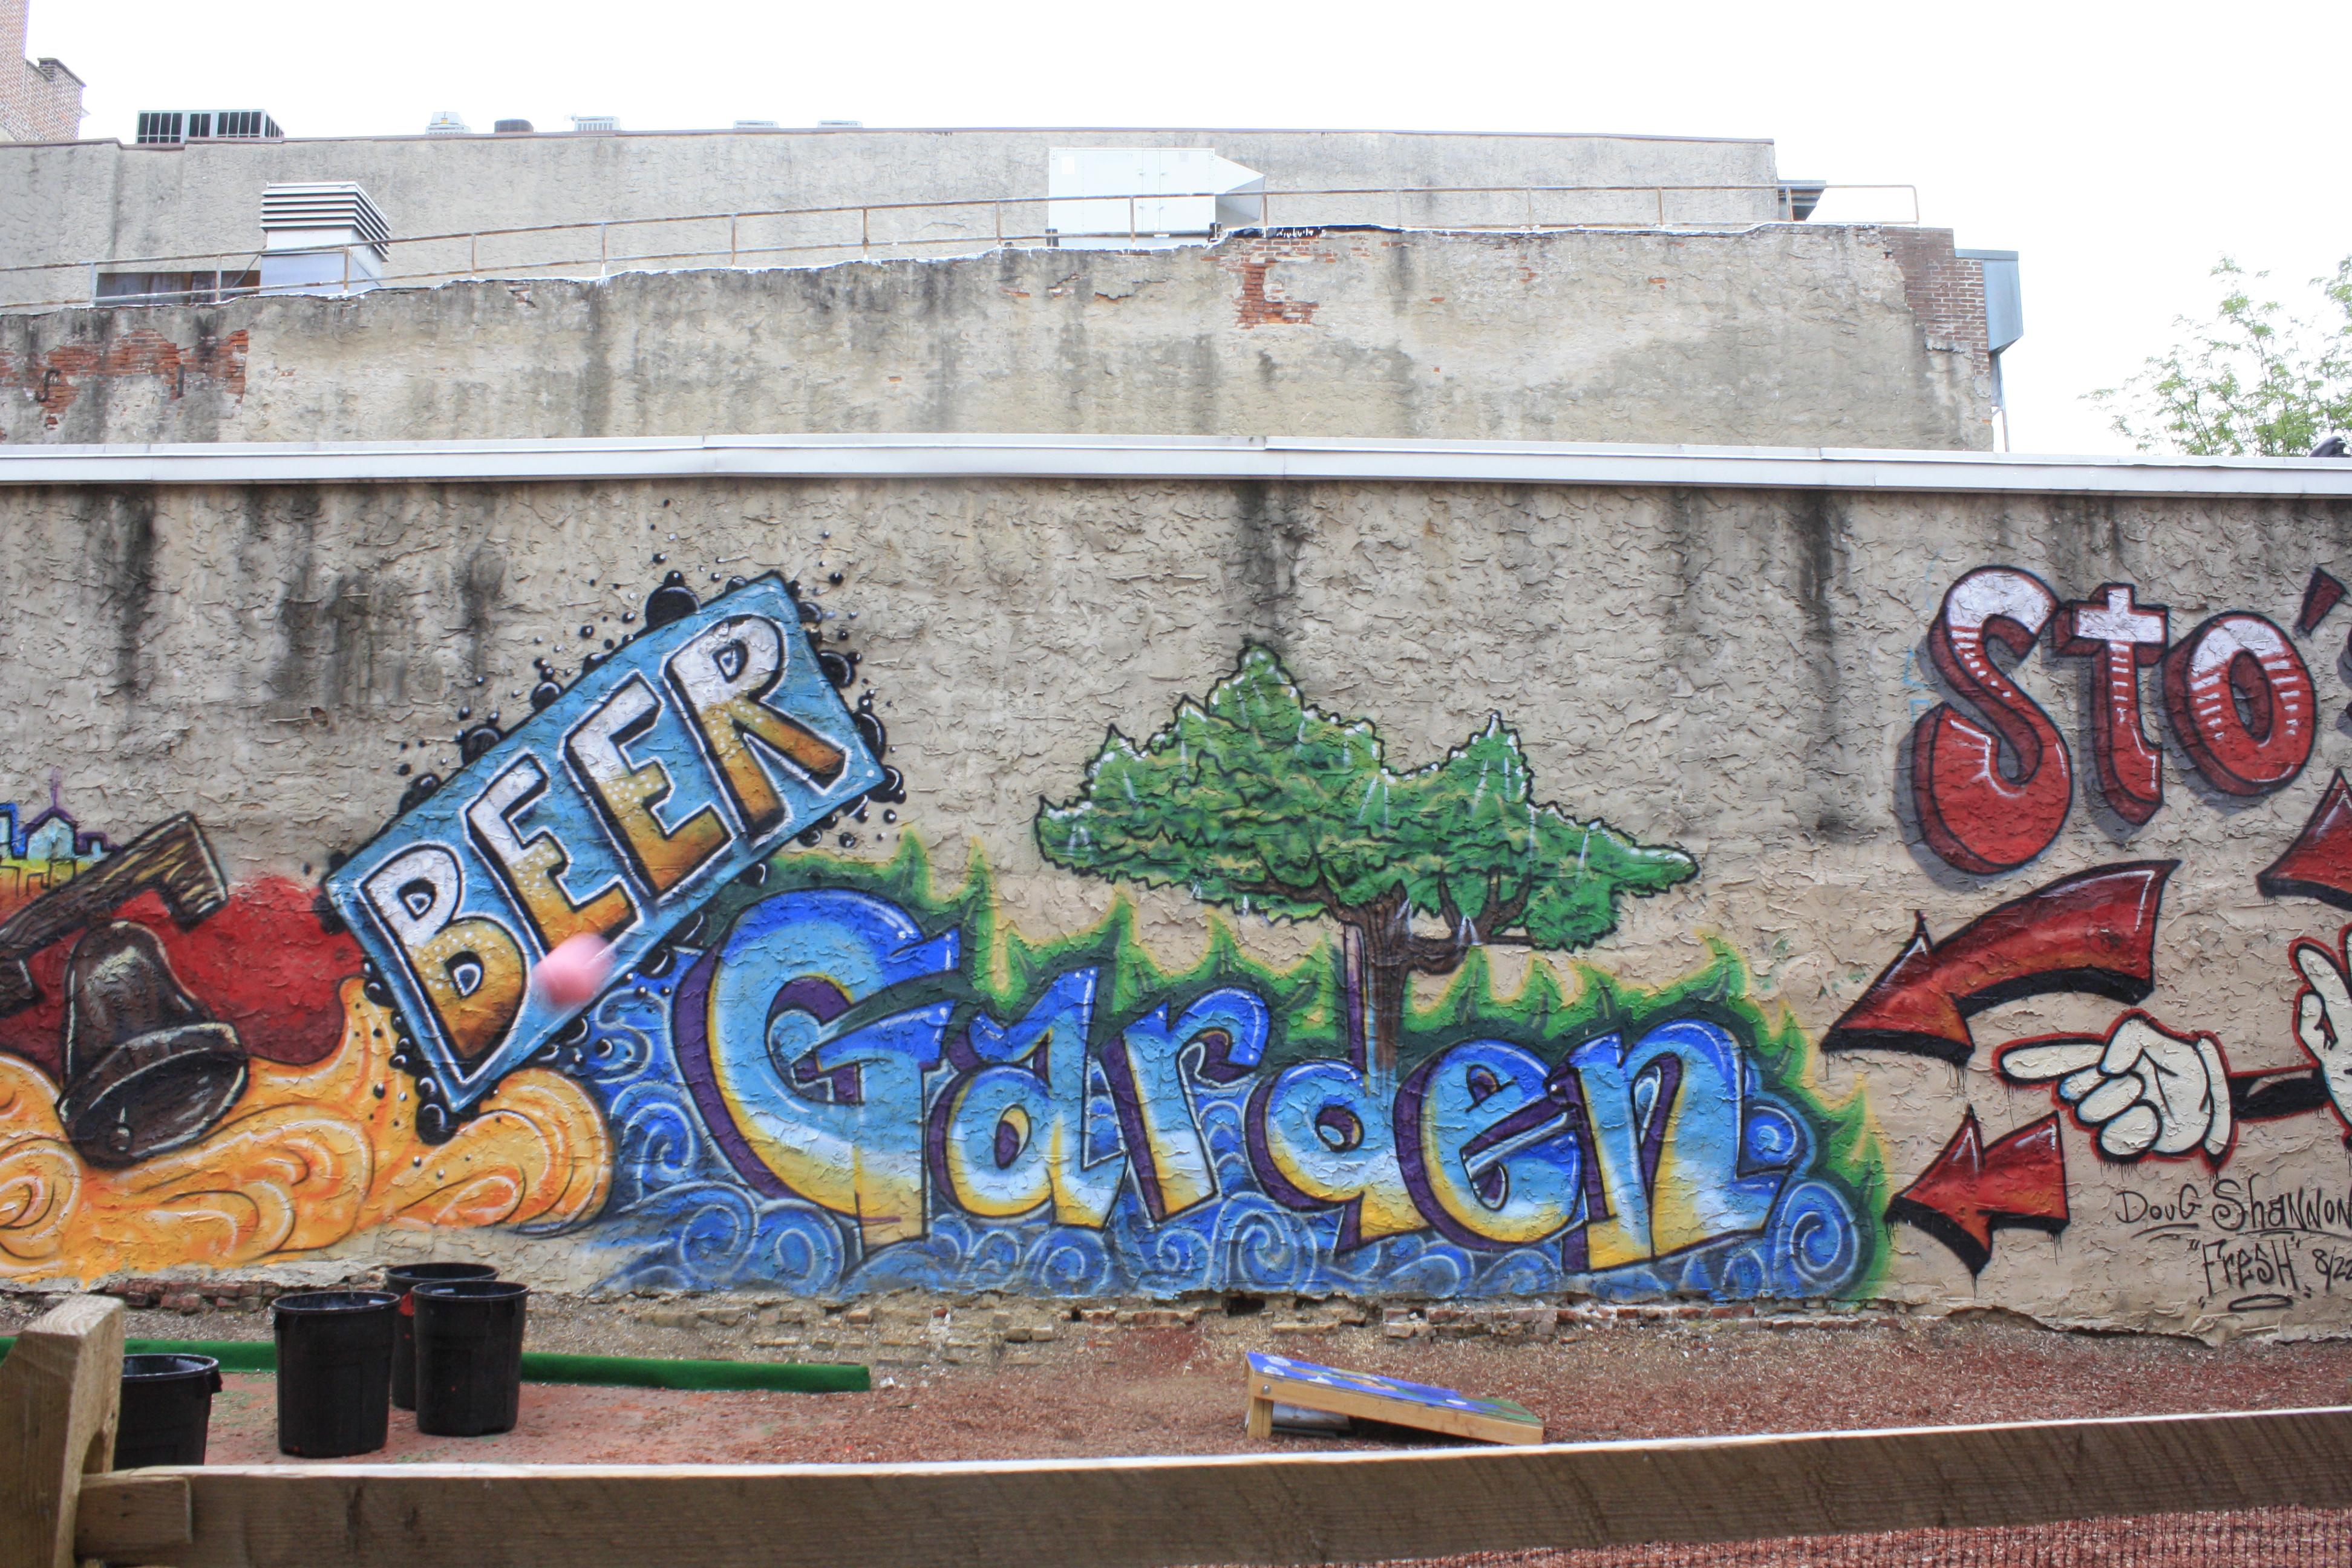 Photo: Véronique Leduc Petit Beer garden improvisé